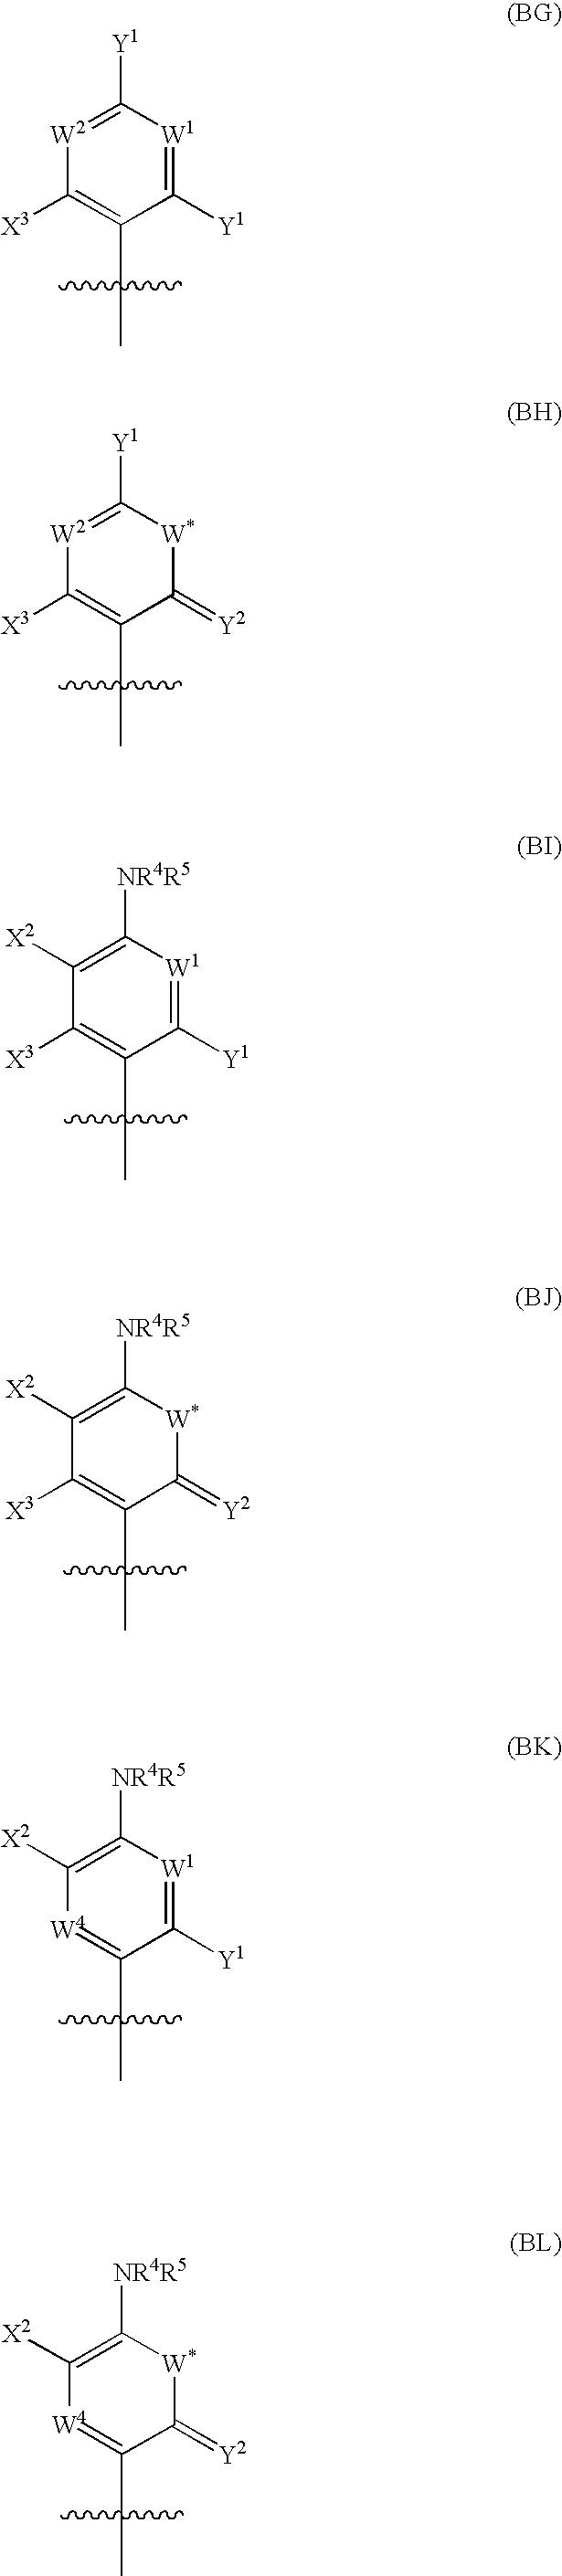 Figure US07384924-20080610-C00010